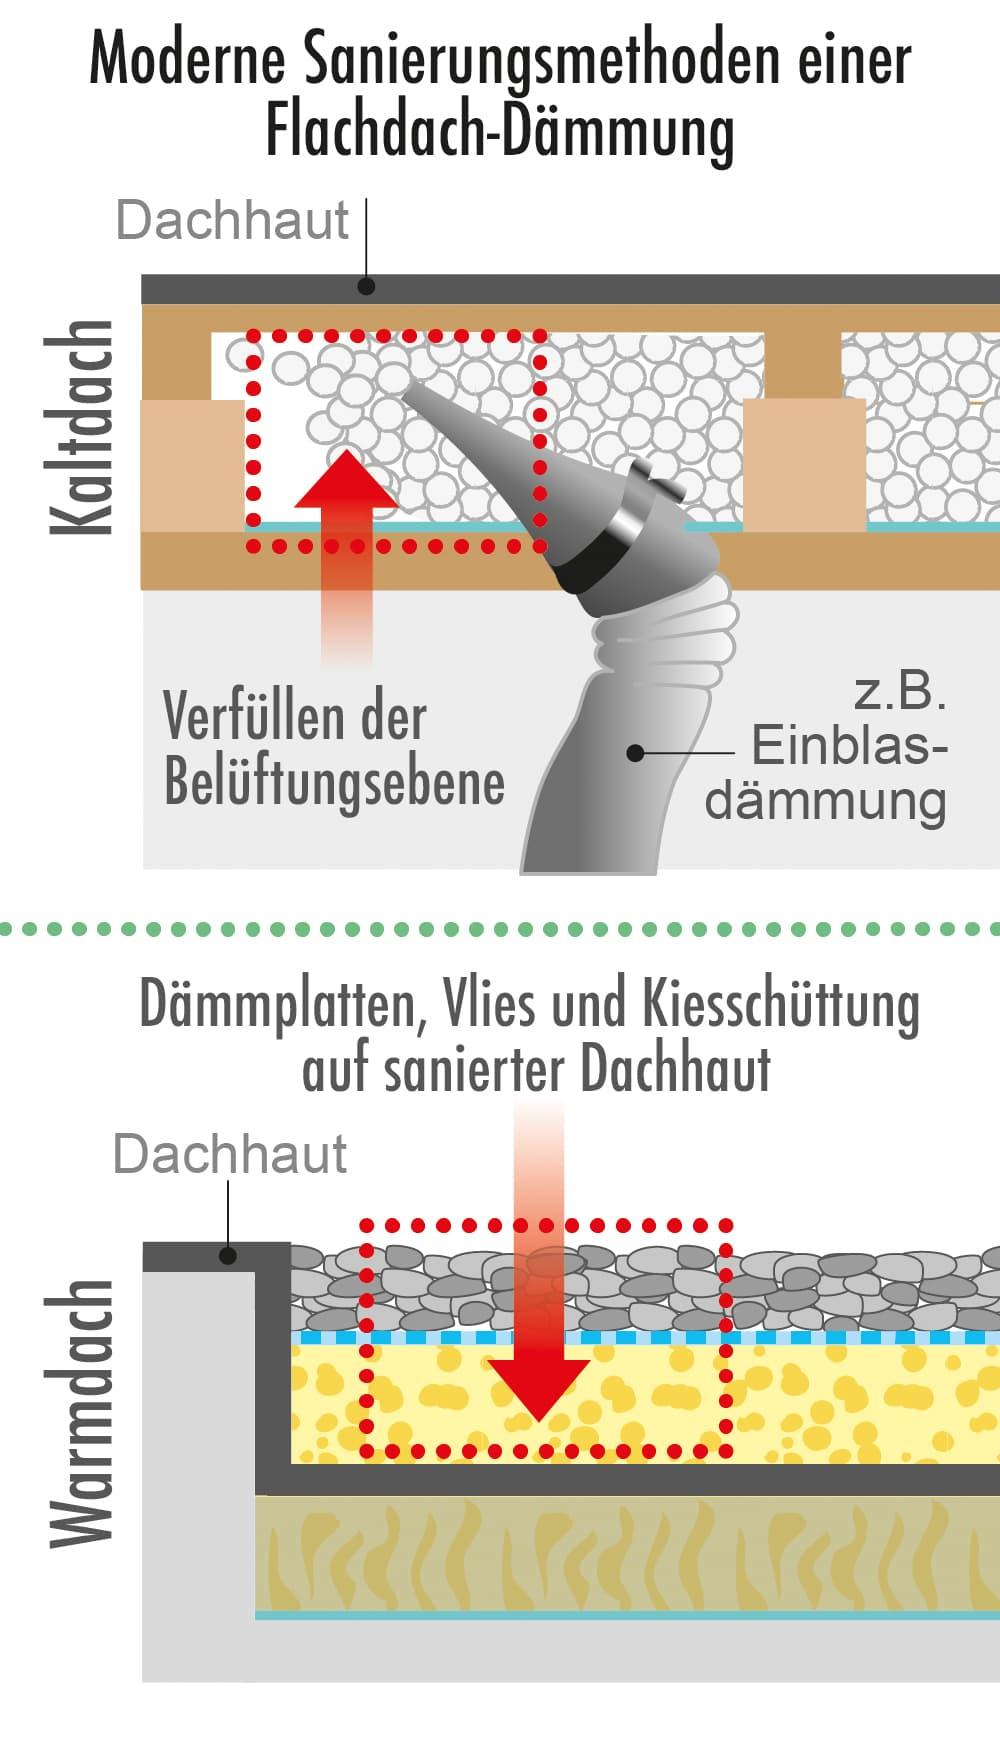 Moderne Sanierungsmethoden einer Flachdach Dämmung